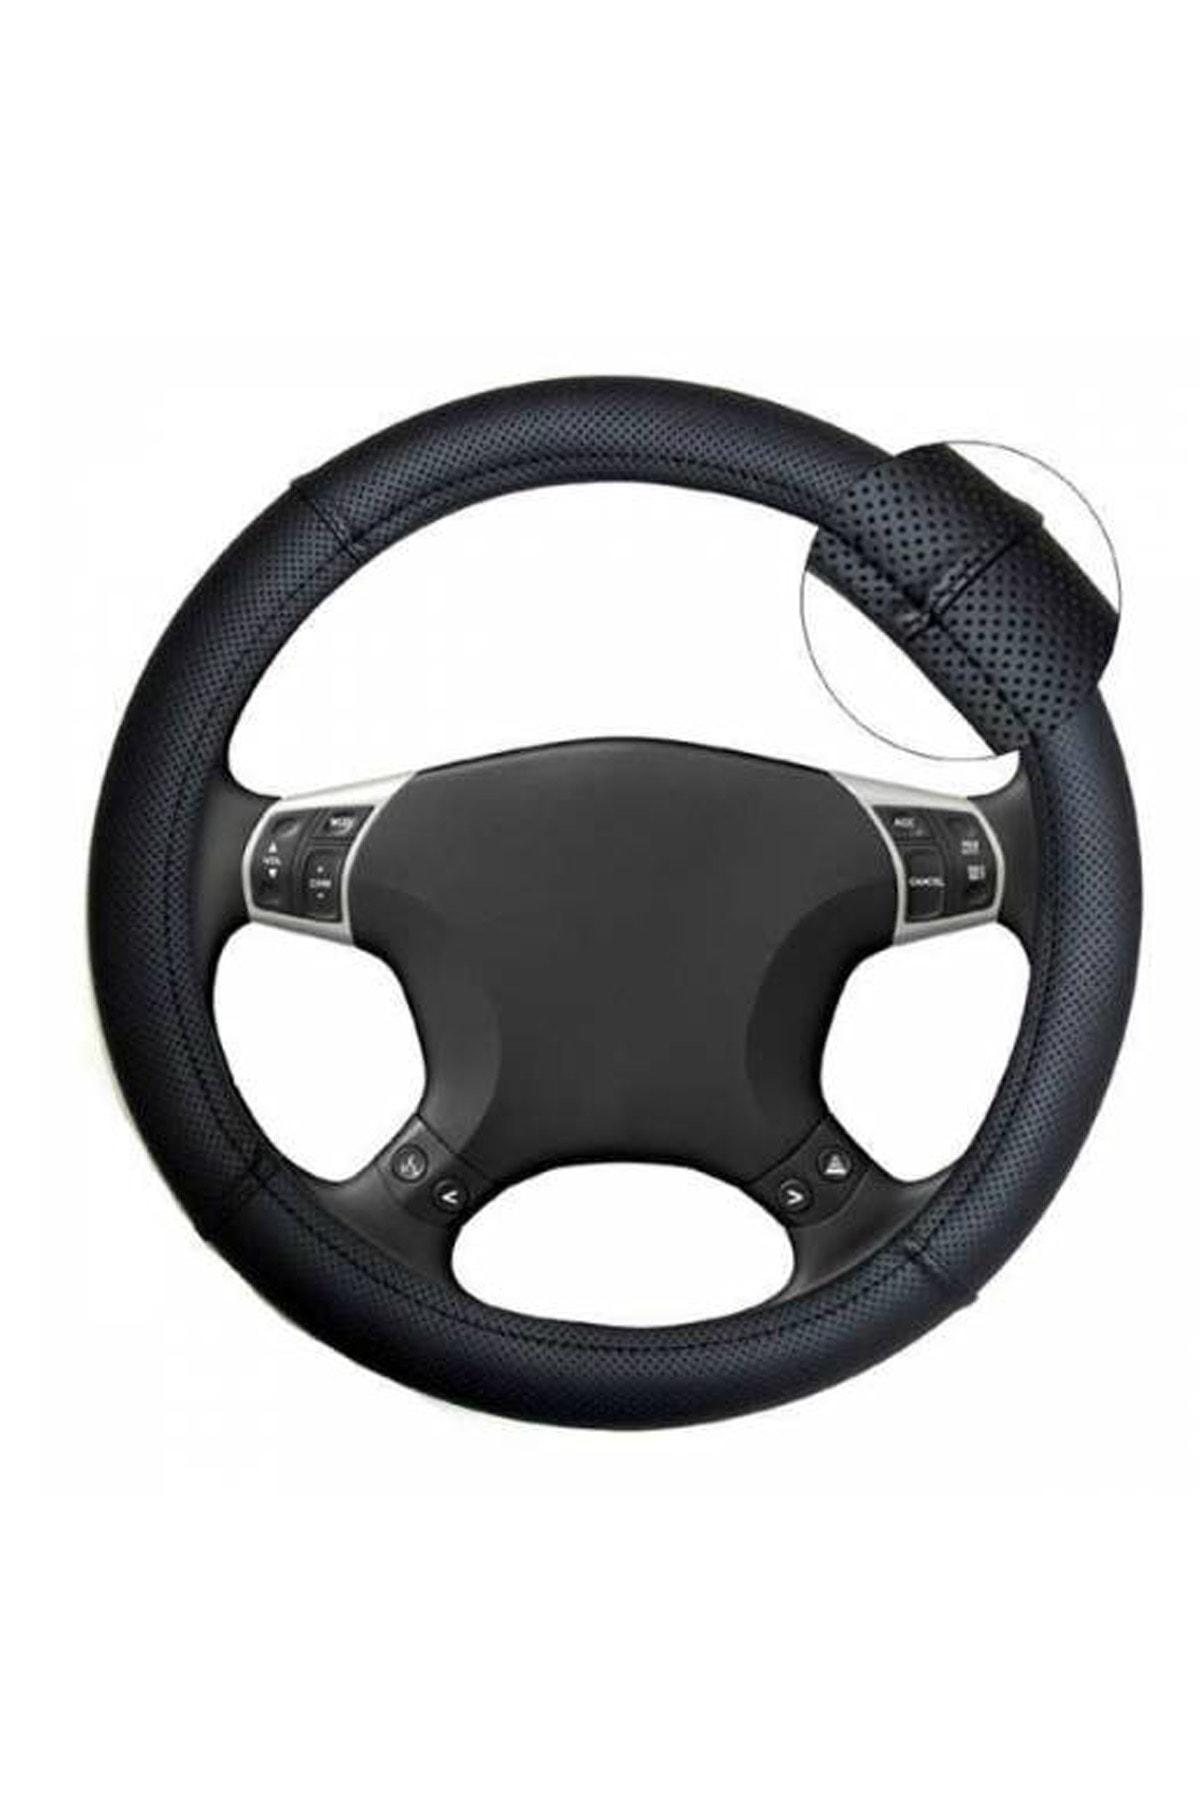 AutoFresh Opel Astra J Uyumlu Direksiyon Kılıfı Terletmez Kaliteli Lüks Araca Özel Siyah Suni Deri 1